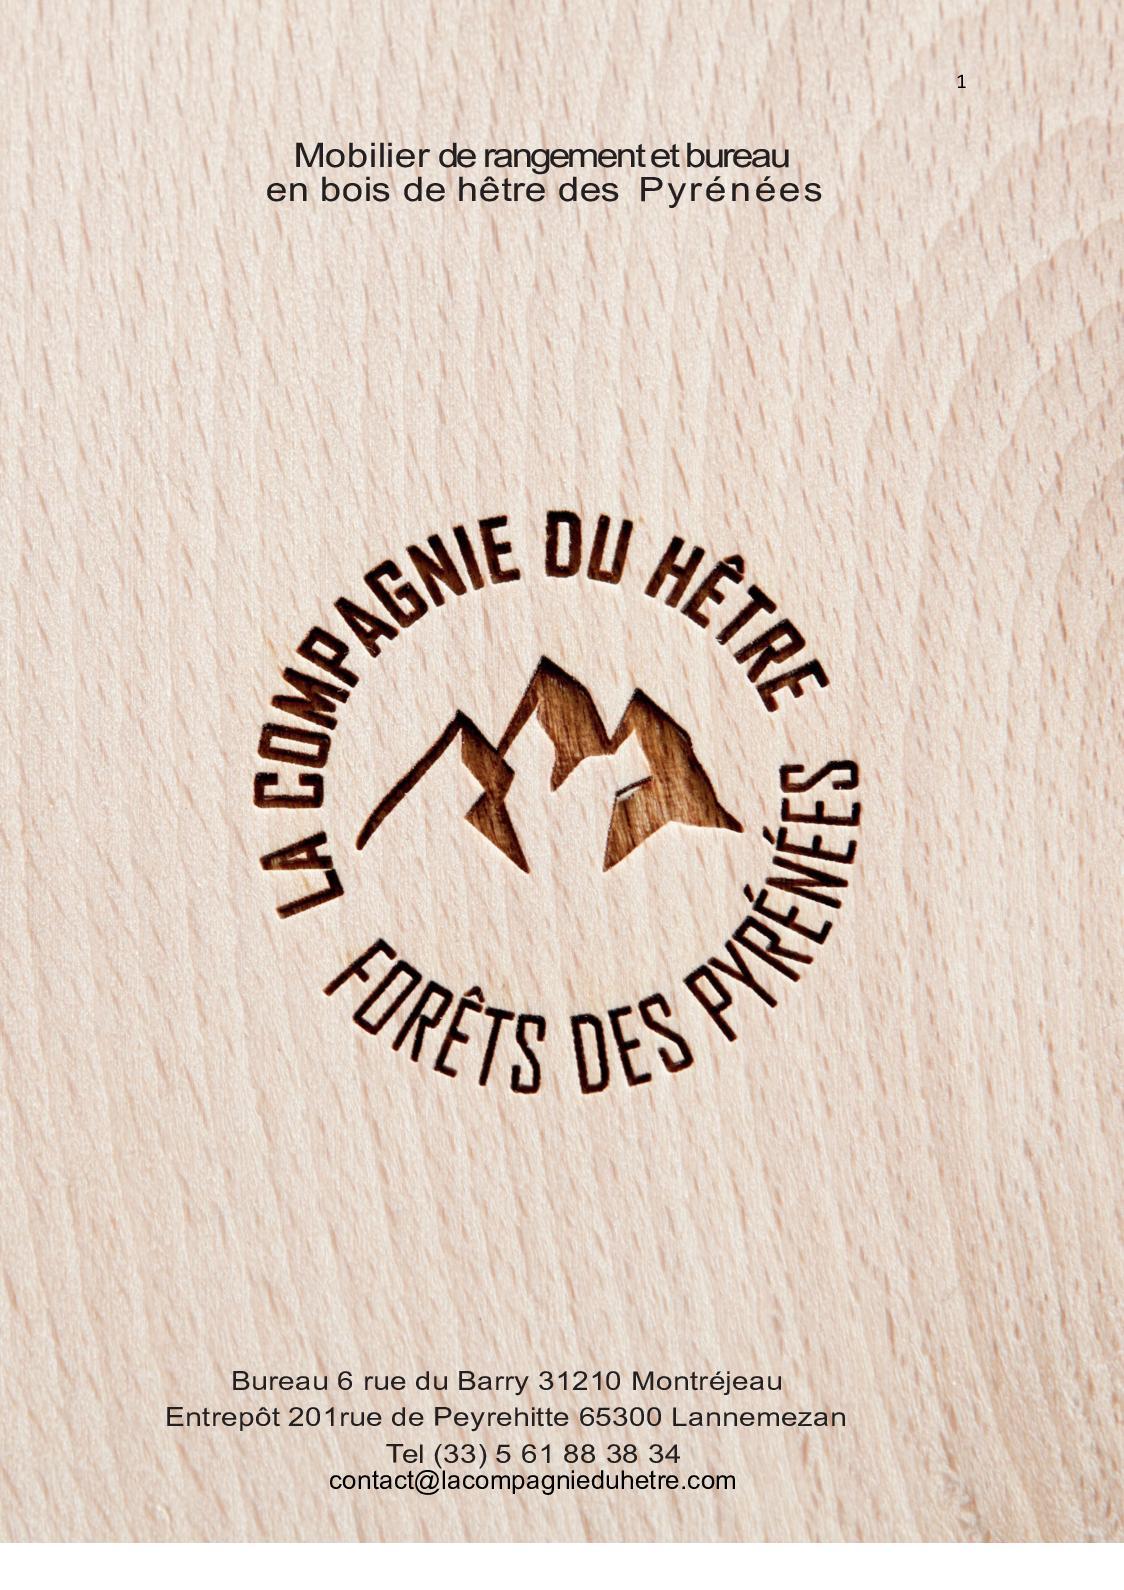 La Compagnie Du Hetre calaméo - catalogue mobilier bois de la compagnie du hêtre